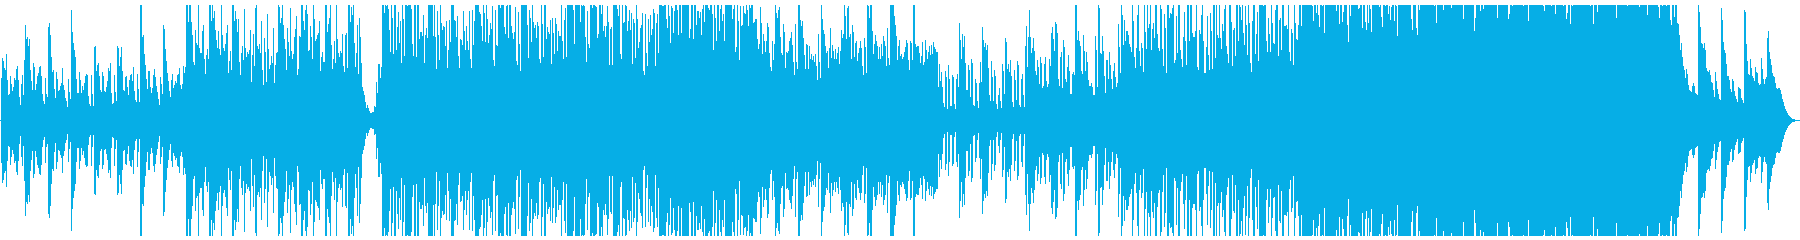 環境にやさしい事業紹介のCM曲の再生済みの波形